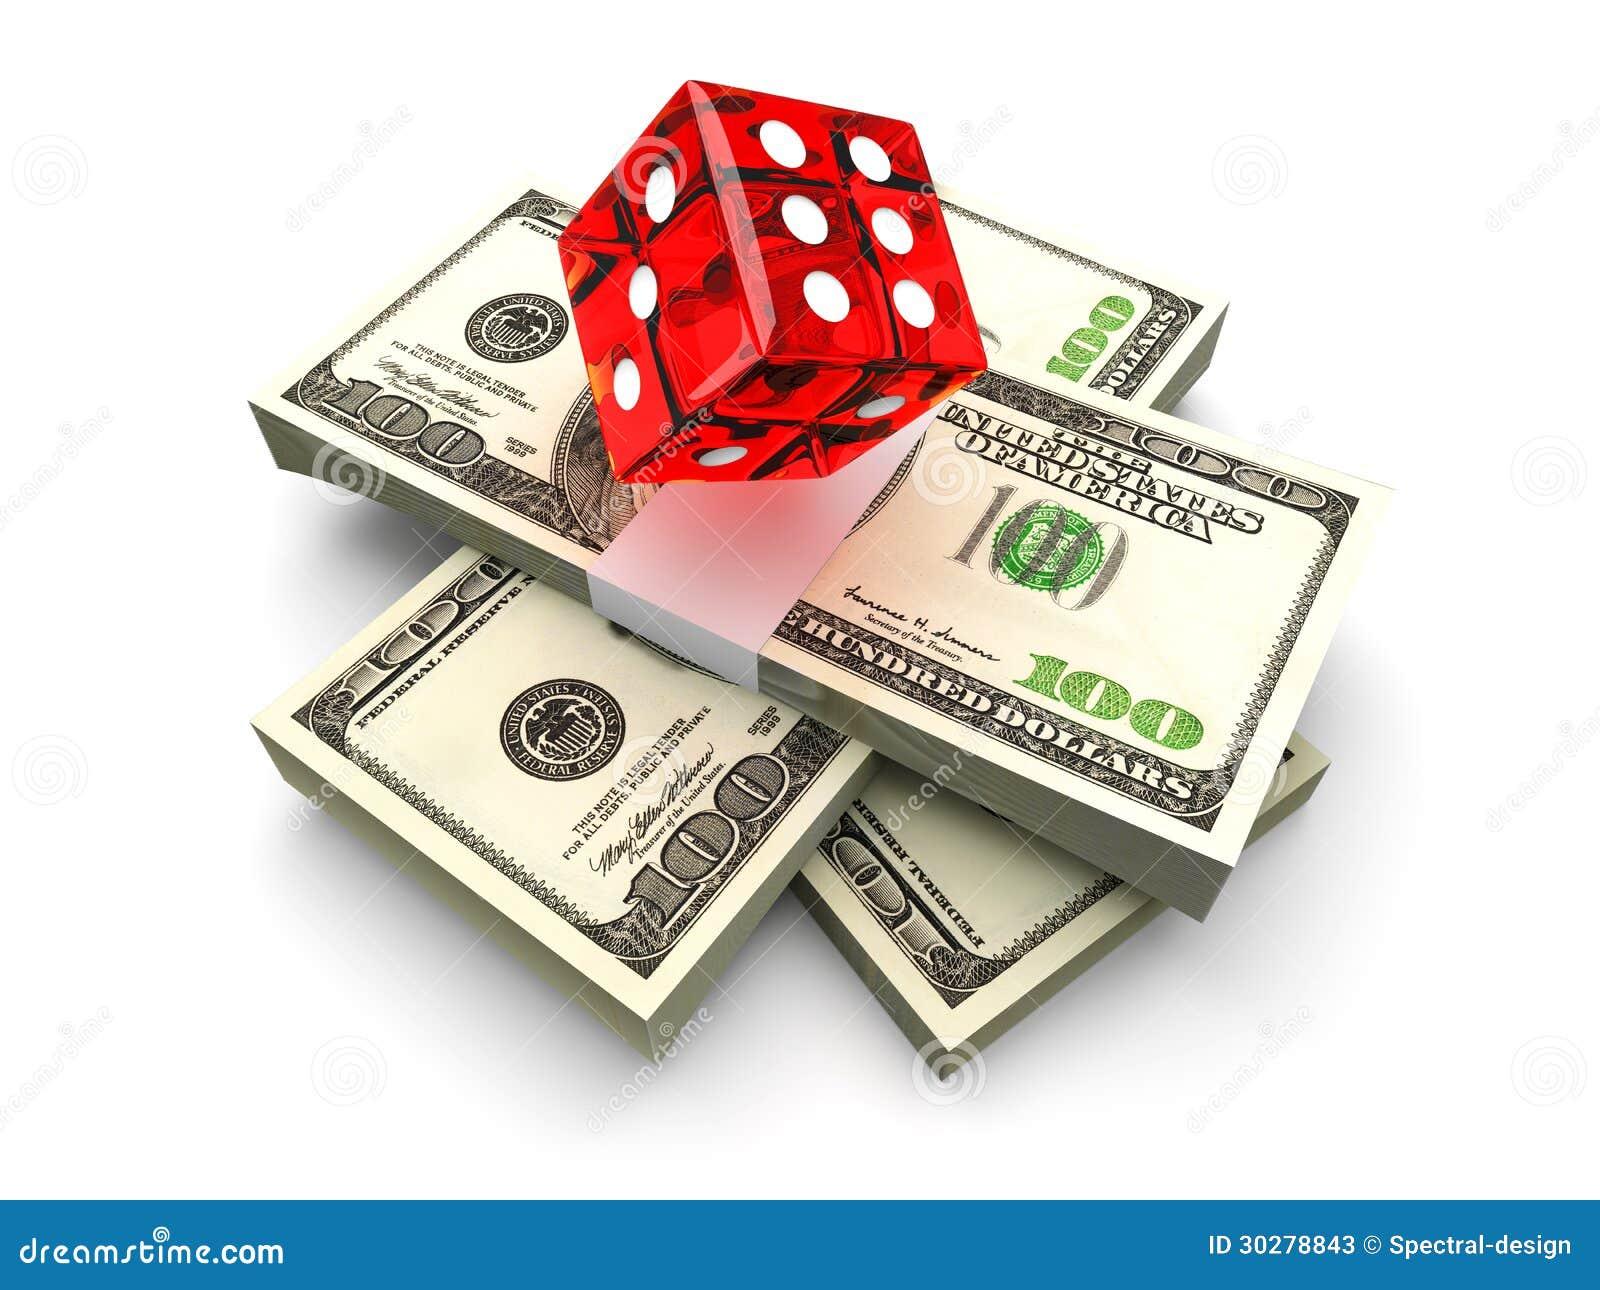 Gambling For Money